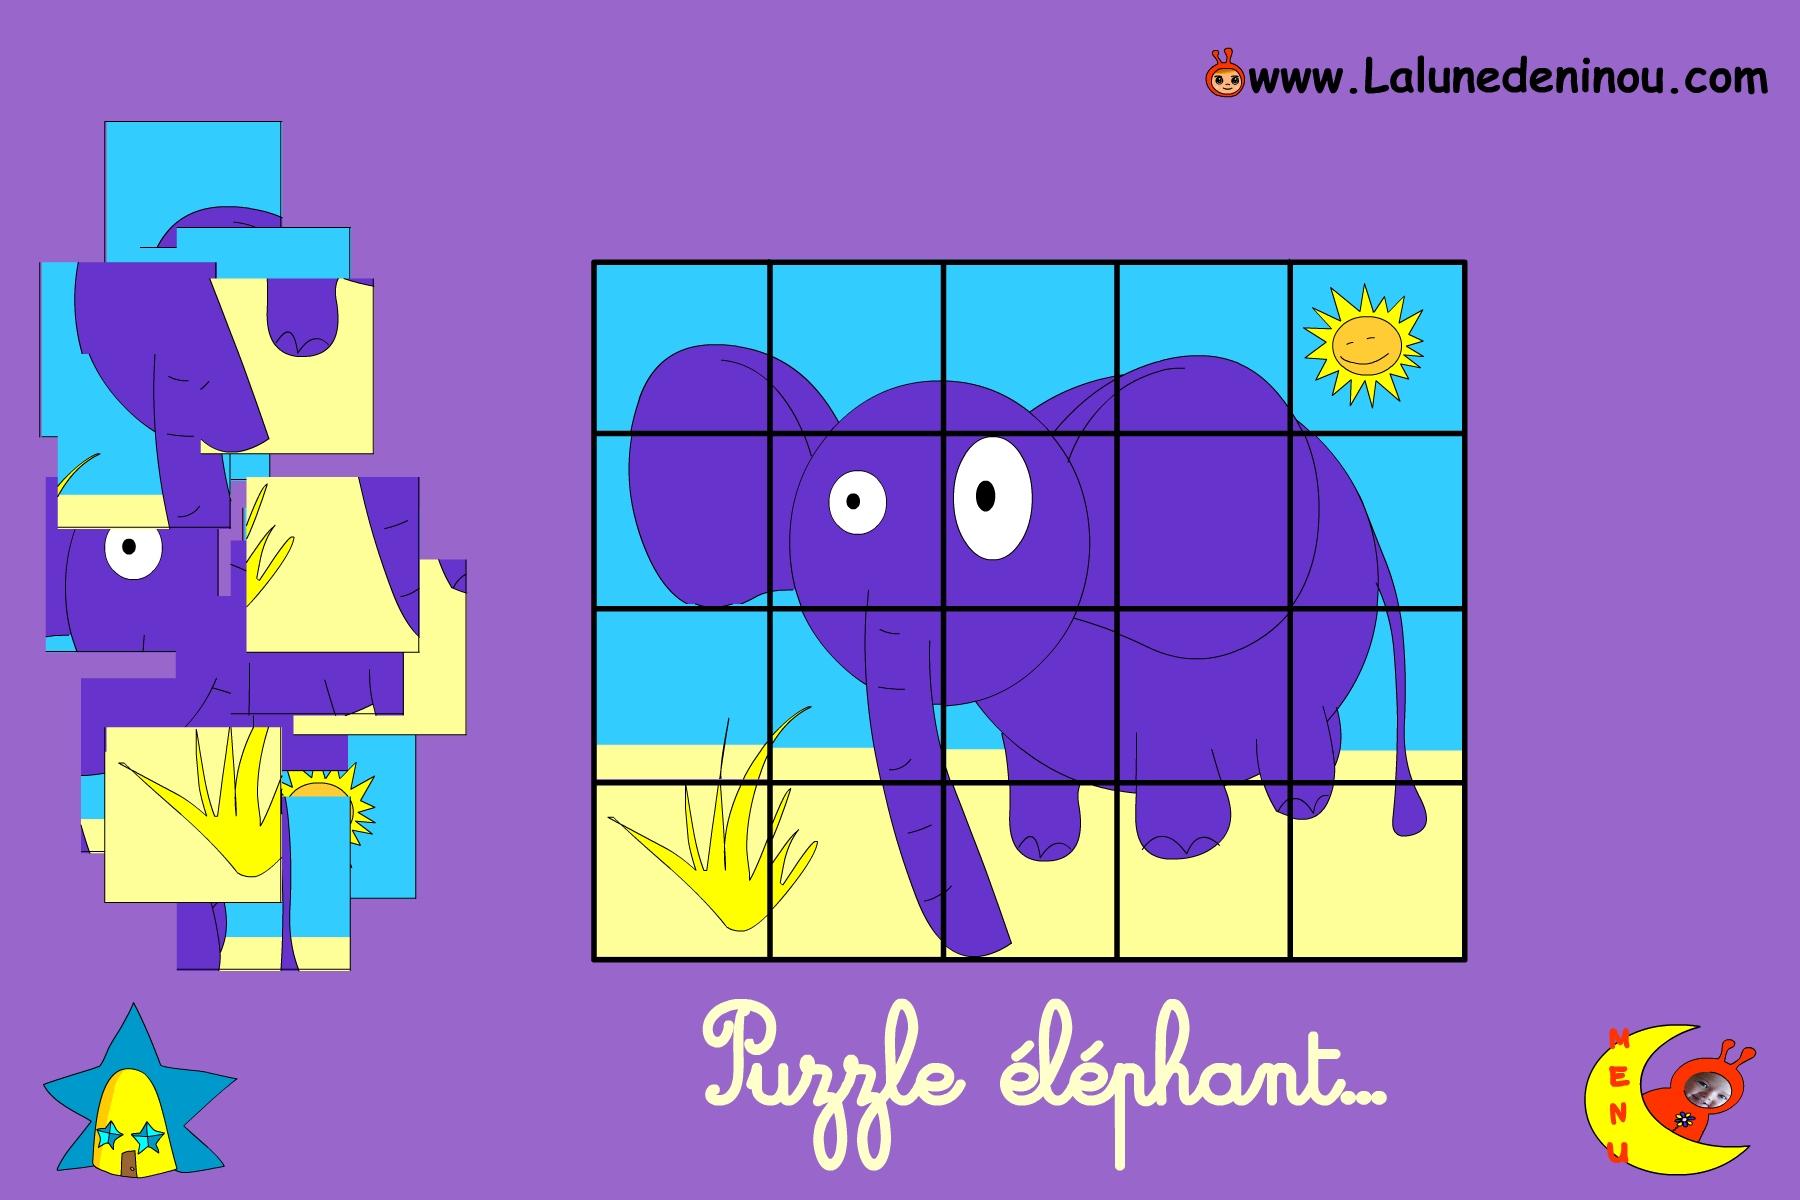 Puzzle En Ligne Pour Enfant De Maternelle - Lalunedeninou avec Jeux Grande Section Maternelle Gratuit En Ligne